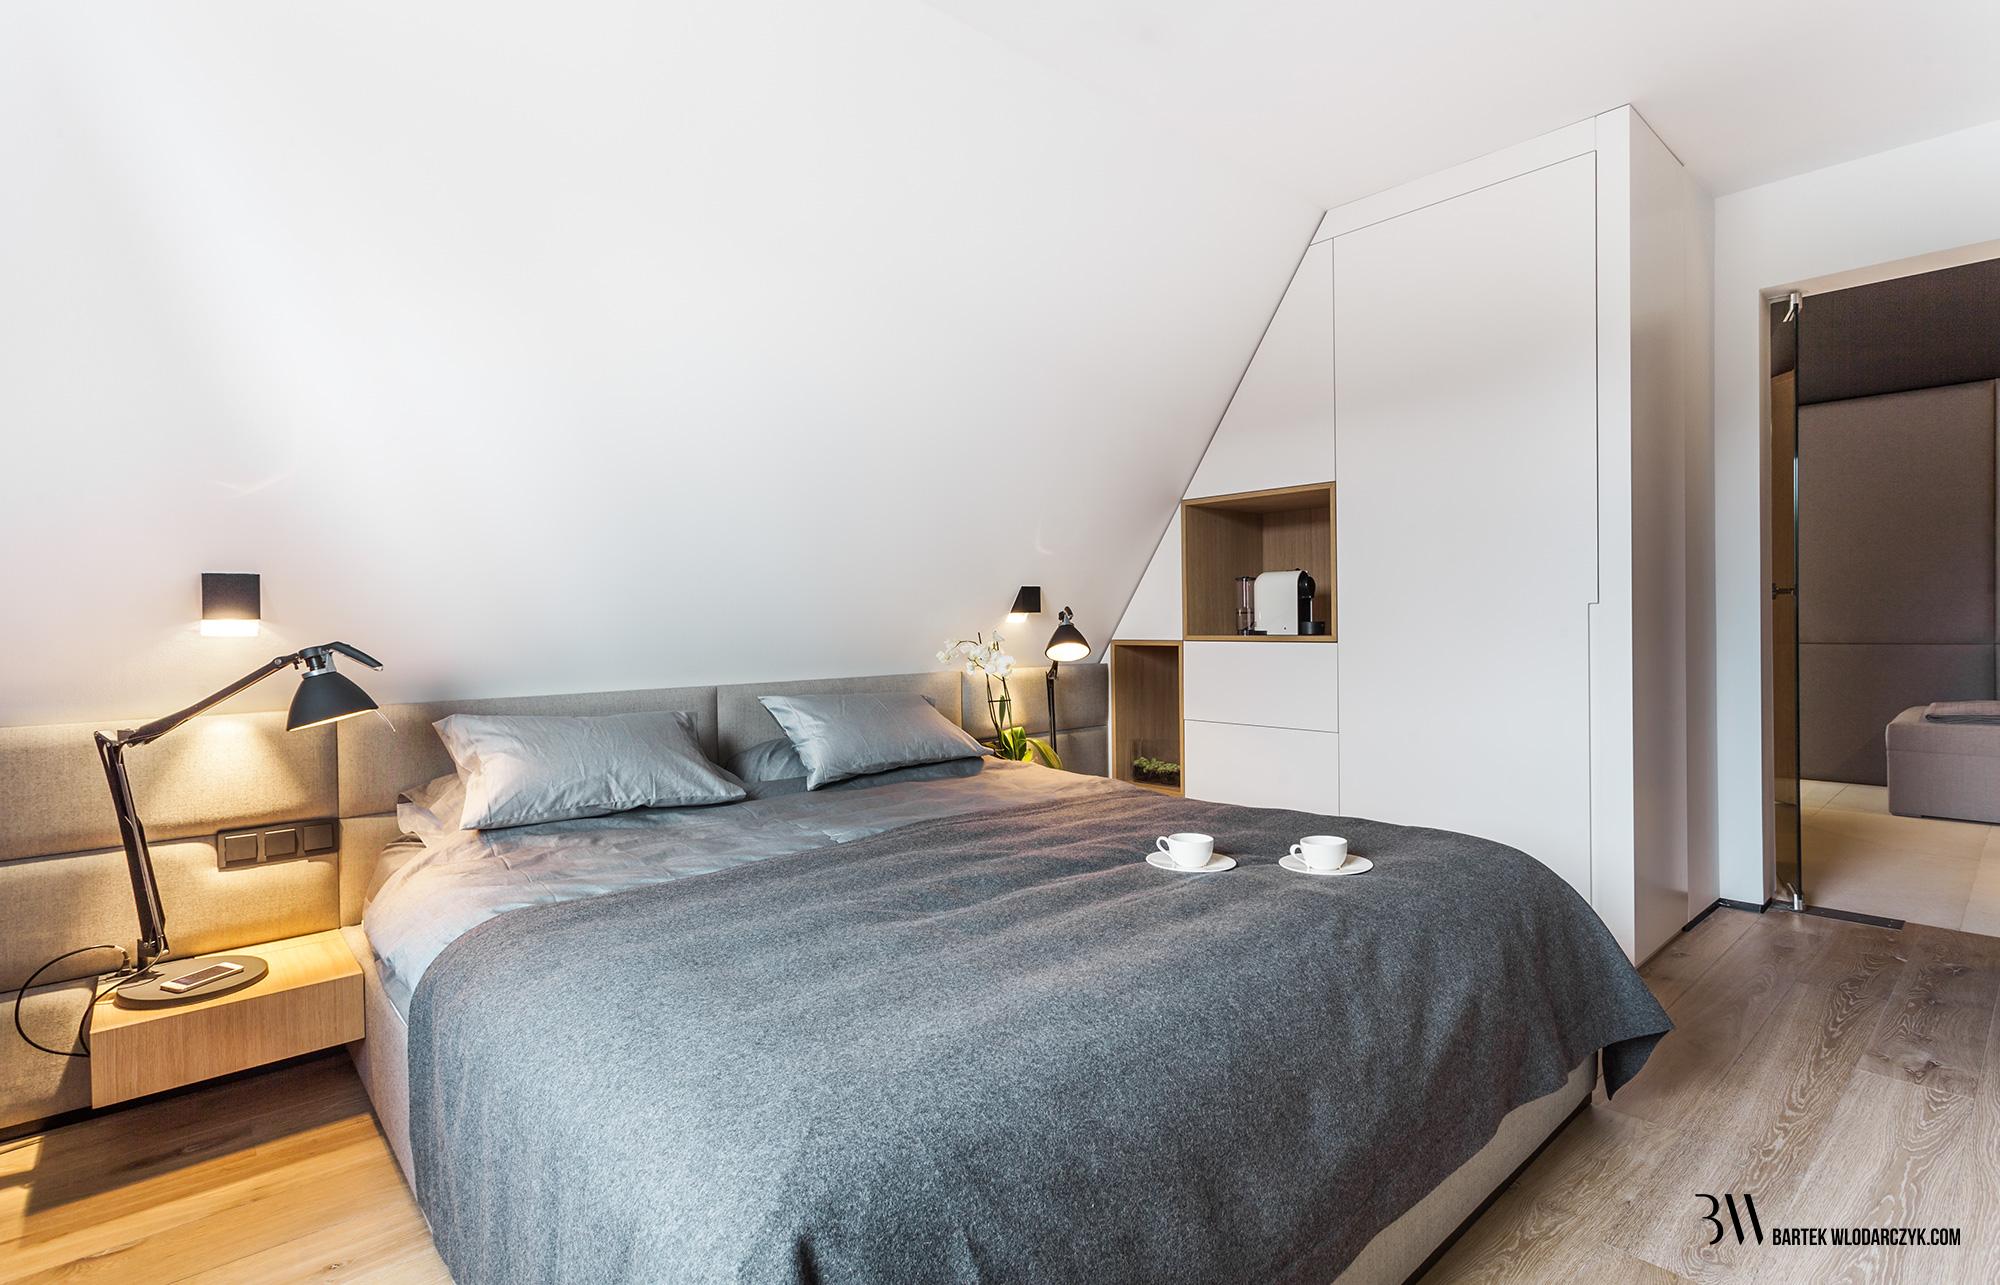 bartek wlodarczyk tatra lodge5 Tatra Lodge Apartment by Bartek Wlodarczyk